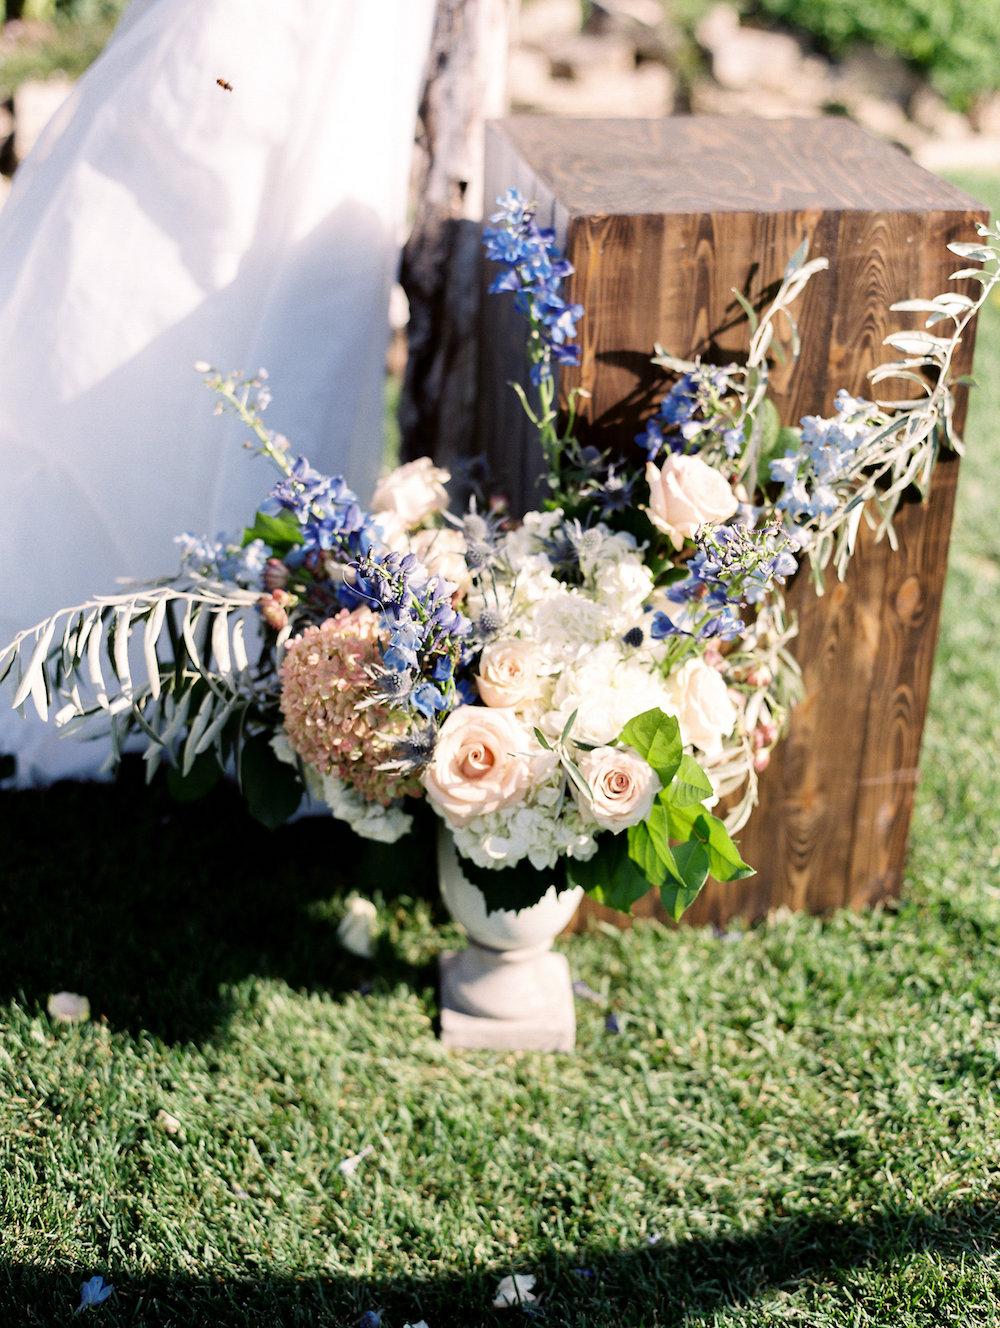 Outdoor Wedding Ceremony - Pineridge Hollow Wedding